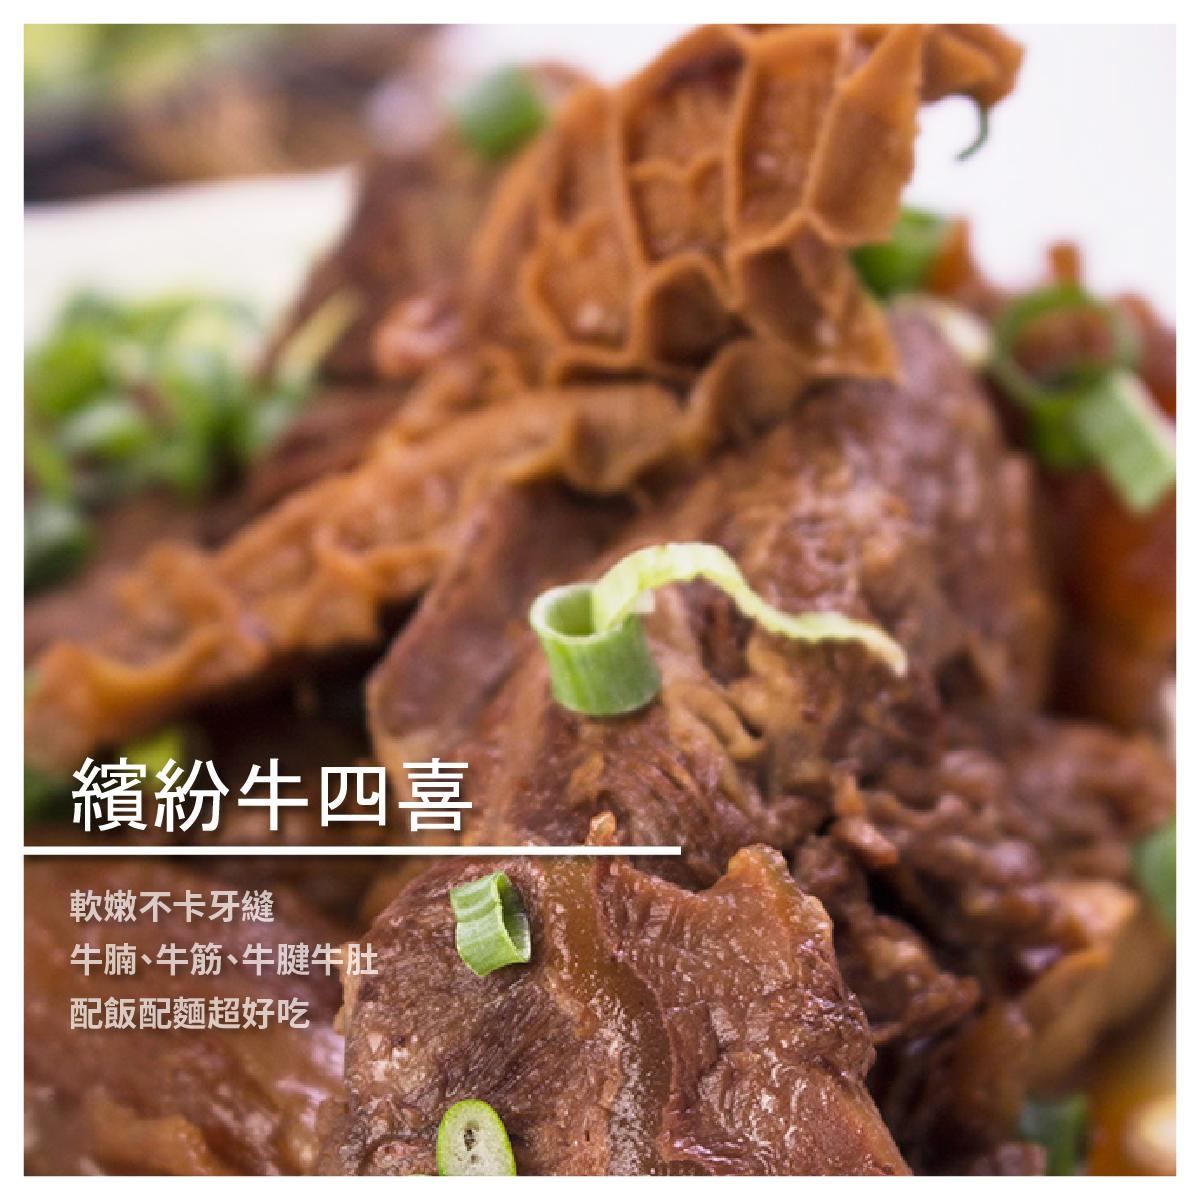 【小食鮮】小菜系列 繽紛牛四喜